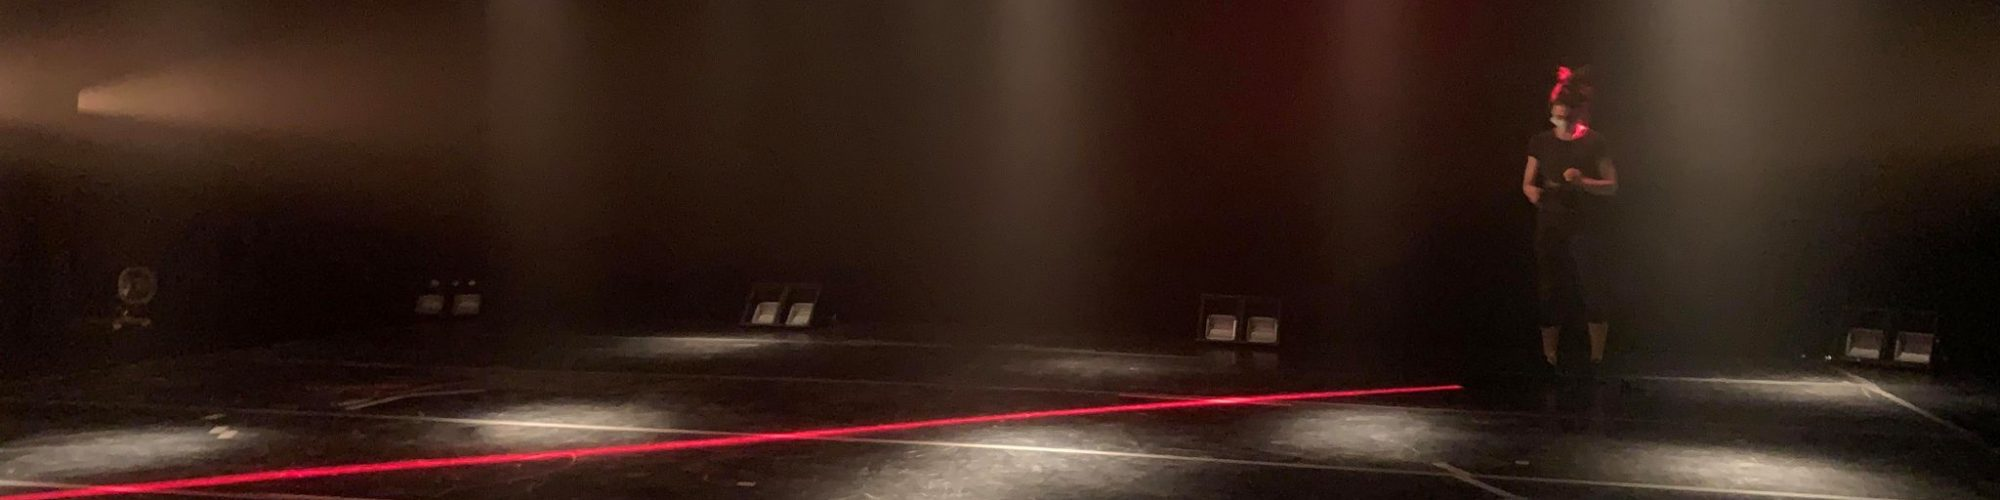 Crédit: Yaëlle Azoulay; Une gigue sur le cour de Sandrine Martel-Laferrière; avec SML; 2020.